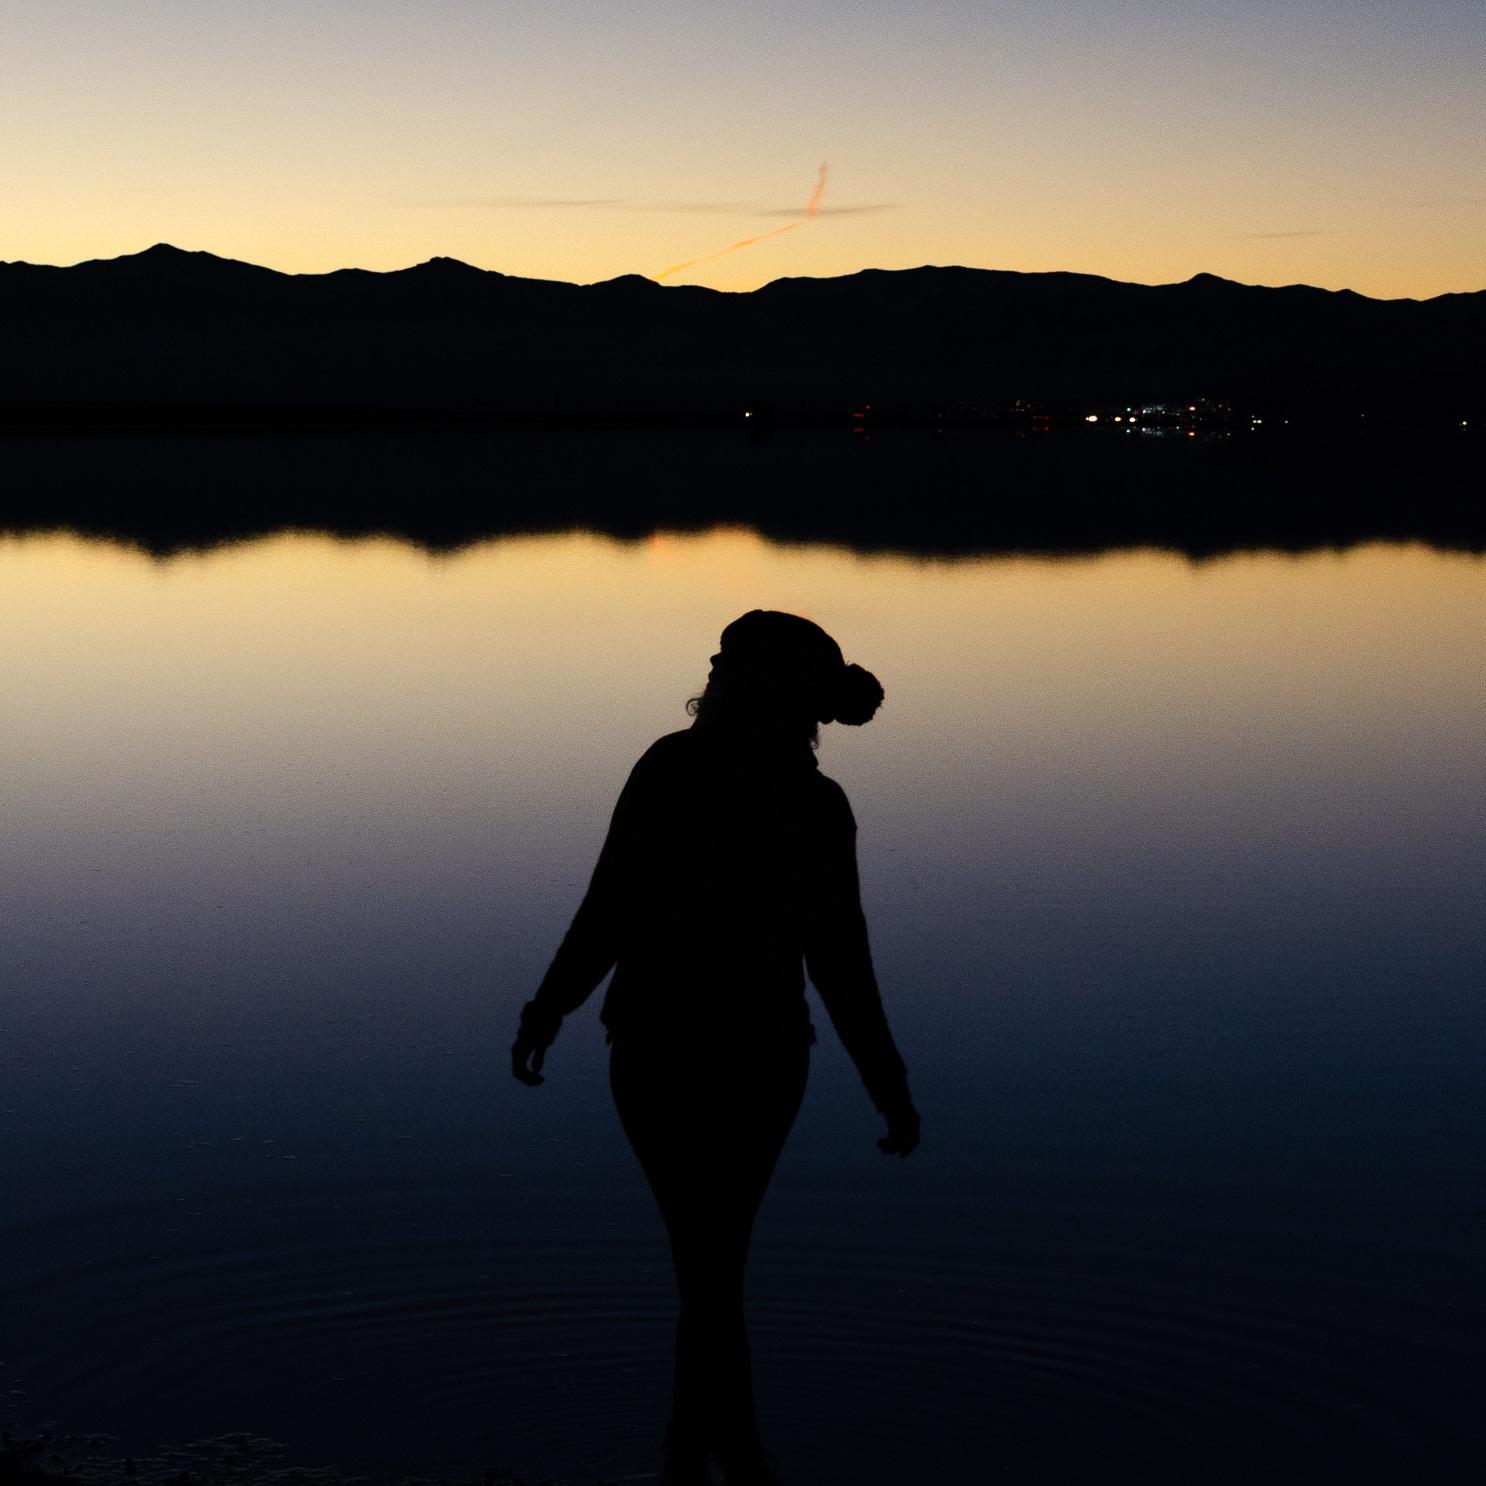 Bonneville+Salt+Flats+Speedway+Astrophotography+Utah+Miranda+Kelton+Photography-1.jpg